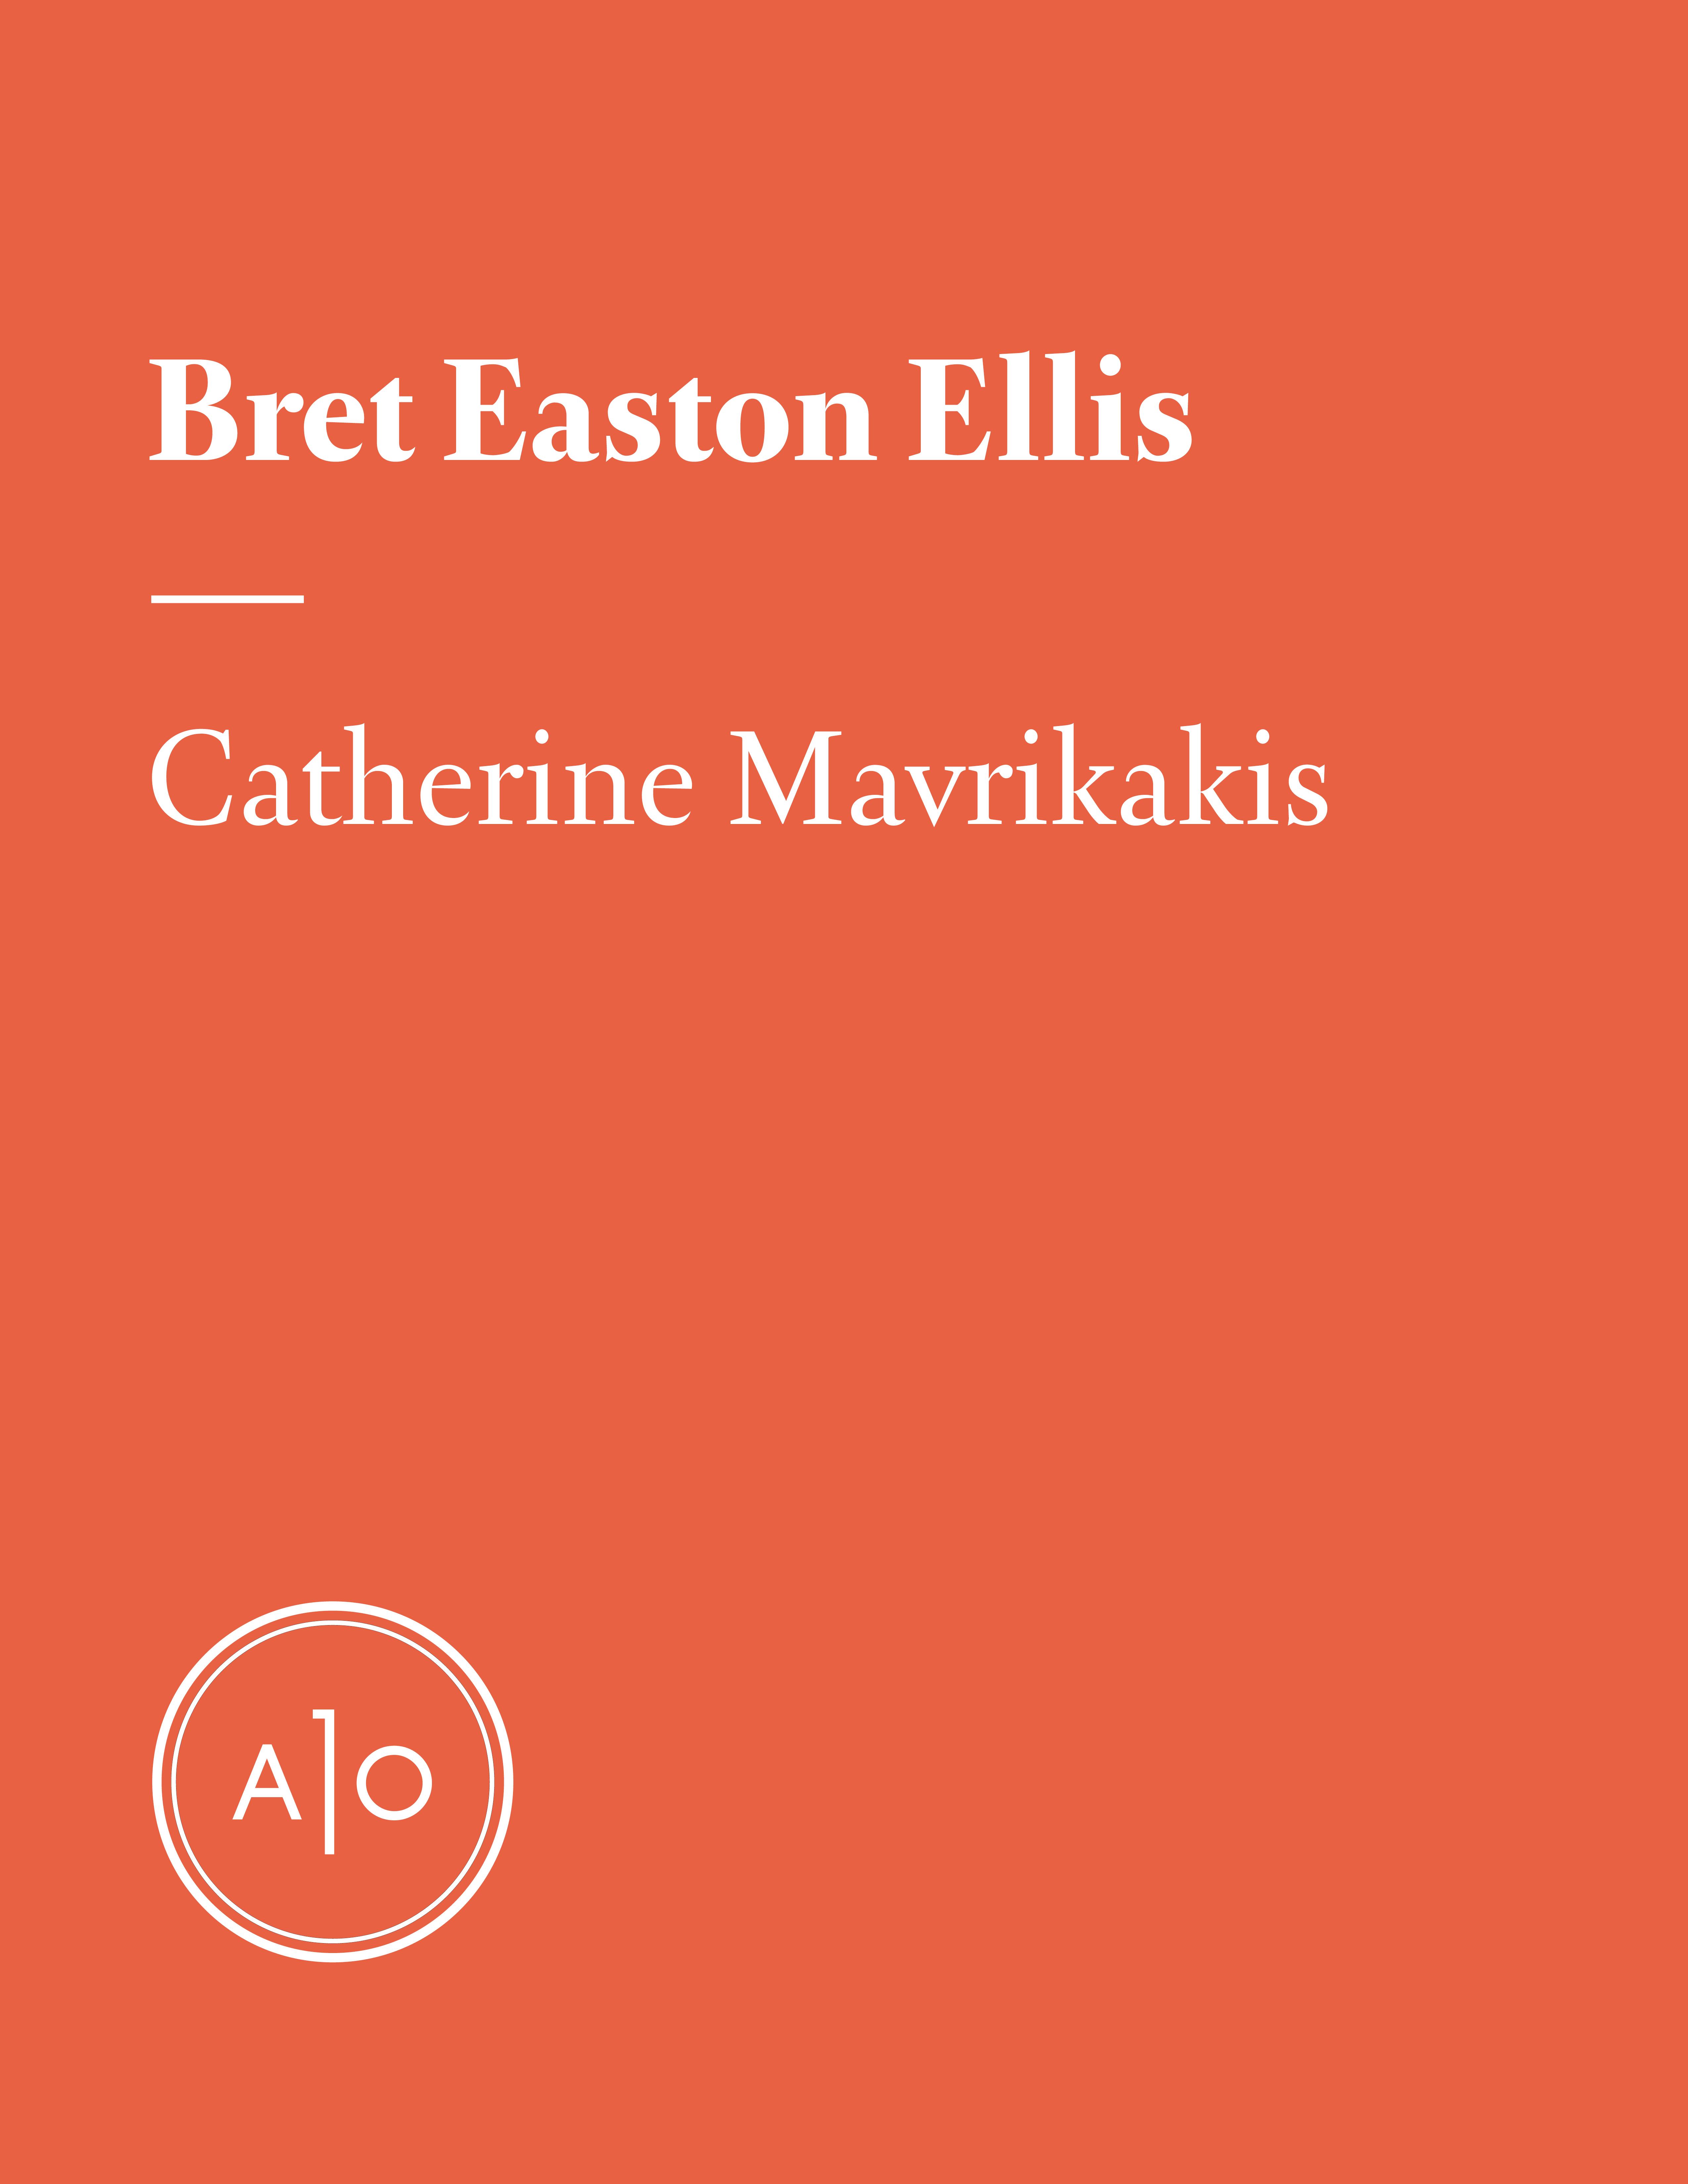 Bret Easton Ellis: l'écrivain des générations Asperger